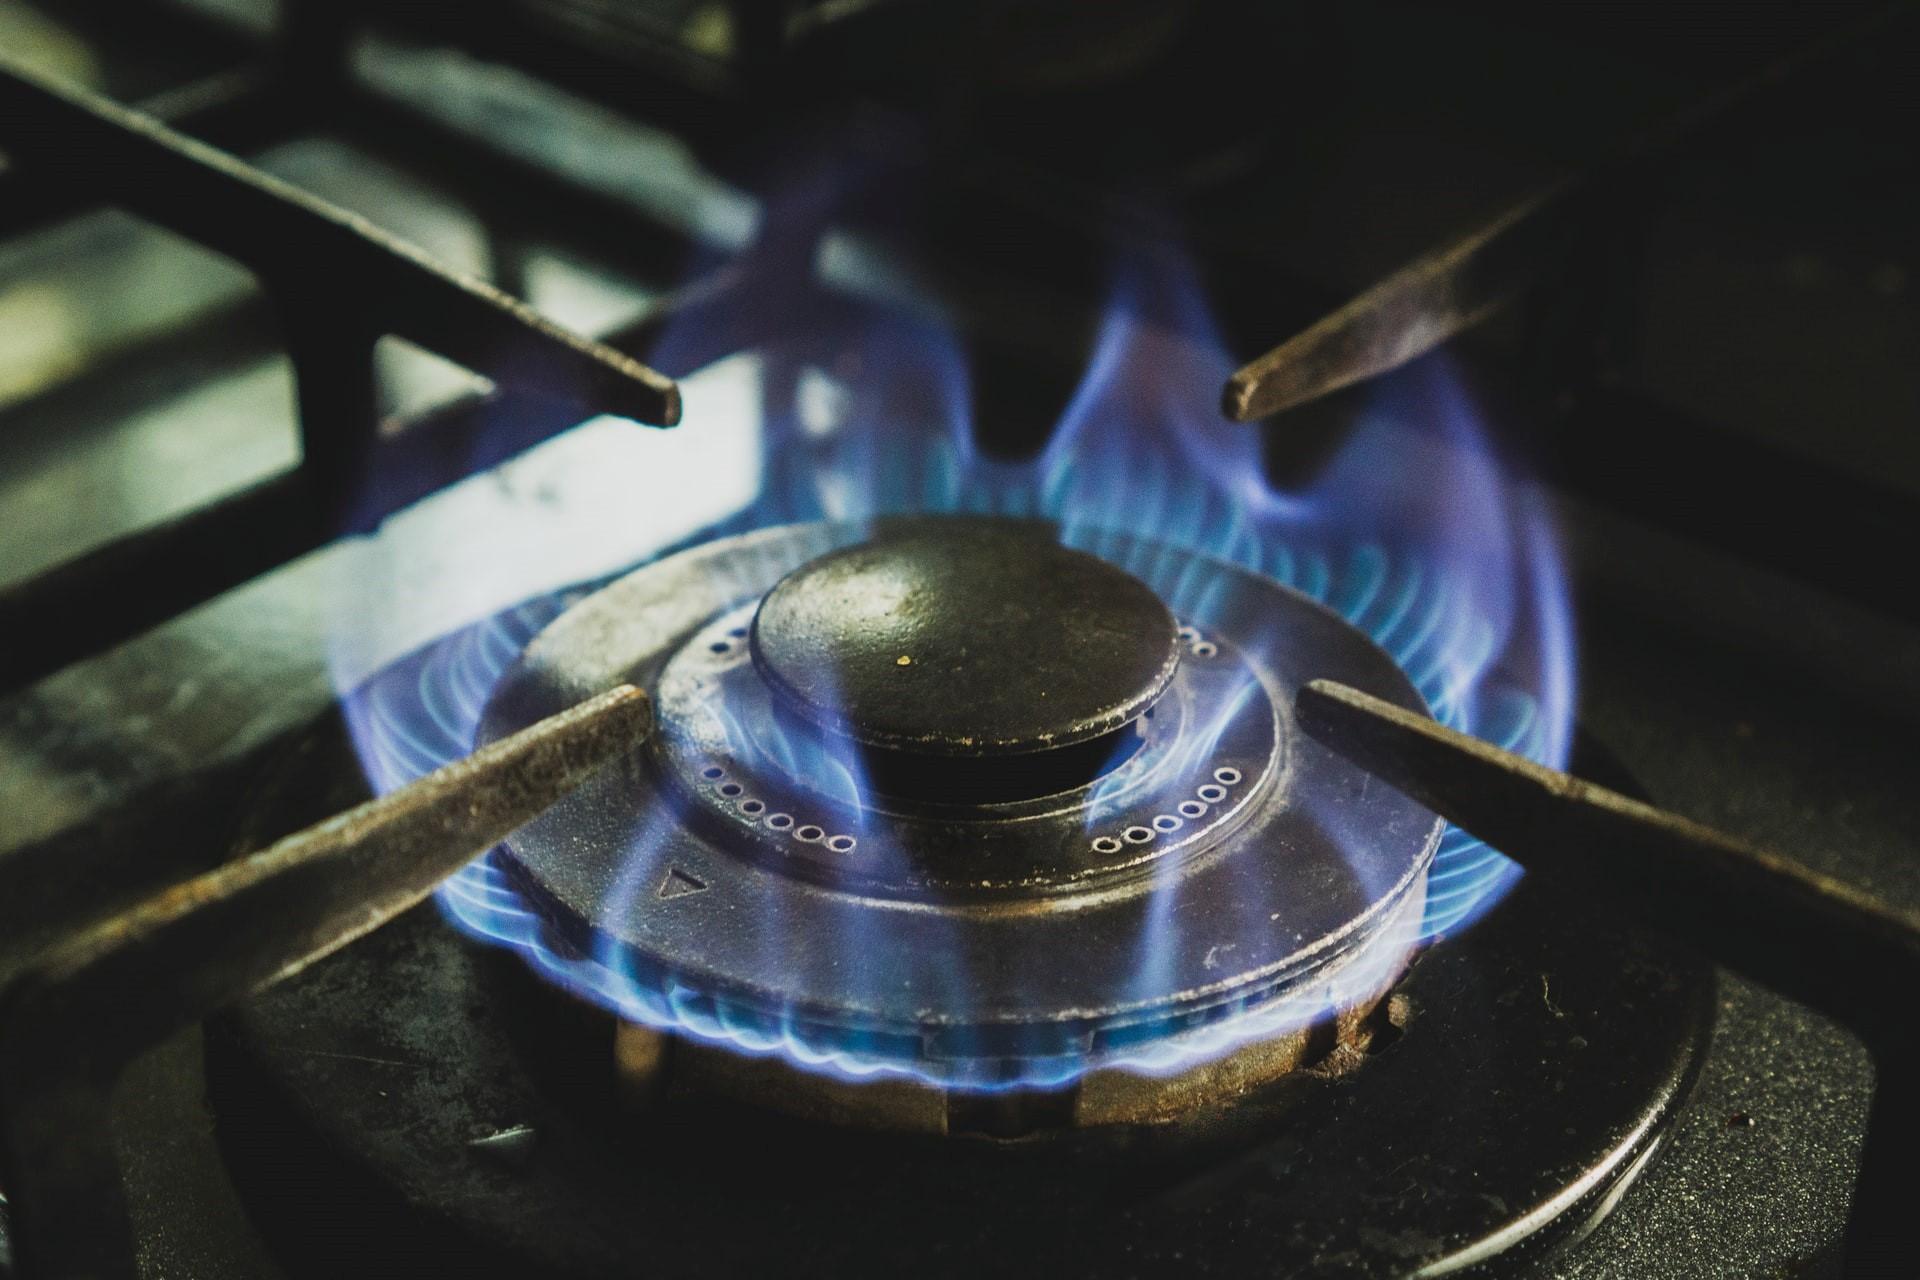 WisdomTree Natural Gas 3x Daily Leveraged (NGXL ETC) är en helt säkerställd börshandlad råvara (ETC) som är utformad för att ge investerare en hävstångsexponering mot naturgas. ETC ger en total avkastning som består av 3 gånger den dagliga prestandan för Solactive Natural Gas Commodity Futures SL -index (SOLWSNG2), plus ränteintäkterna justerade för att återspegla avgifter och kostnader för produkten.